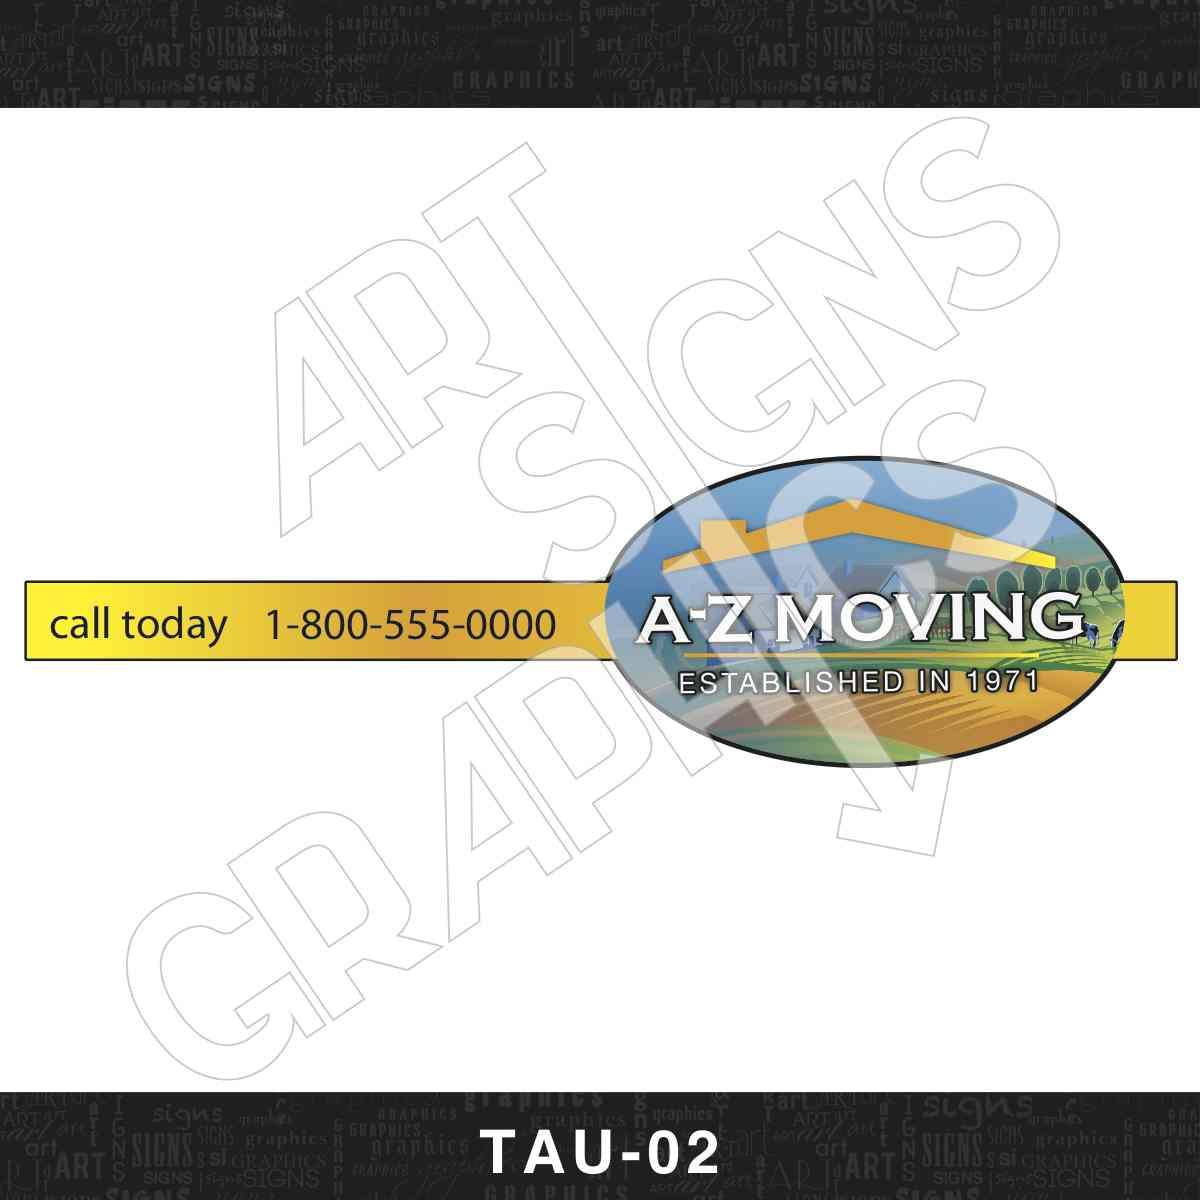 TAU-02.jpg